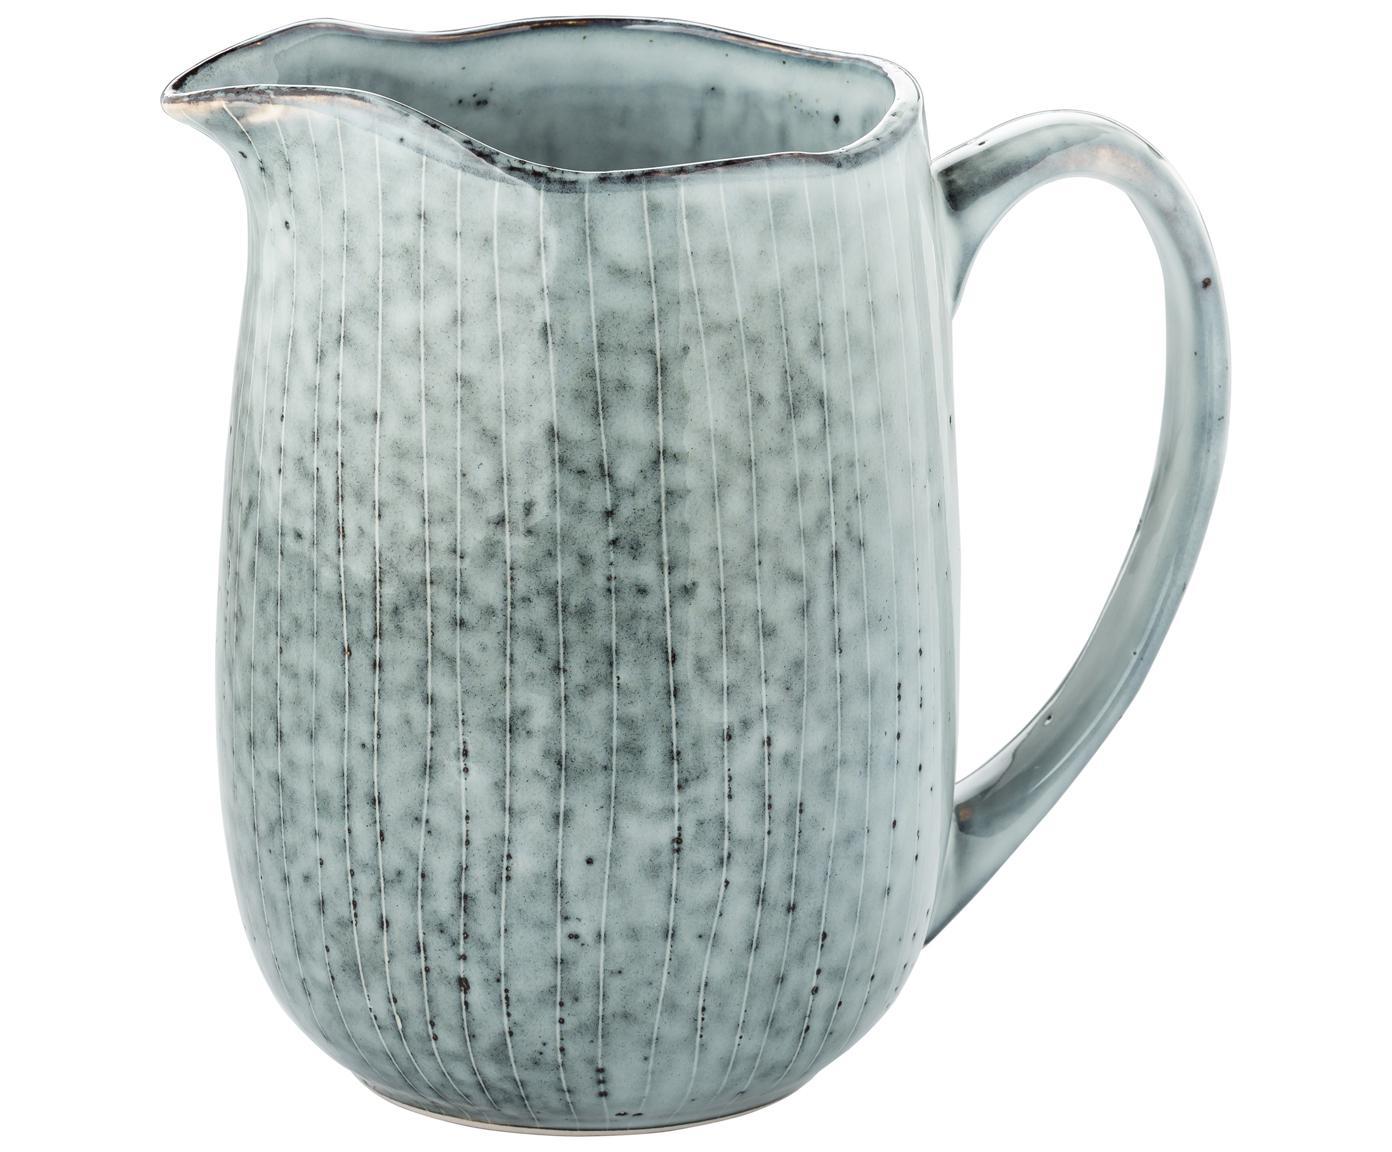 Pot à lait fait à la main Nordic Sea, Tons gris et bleus